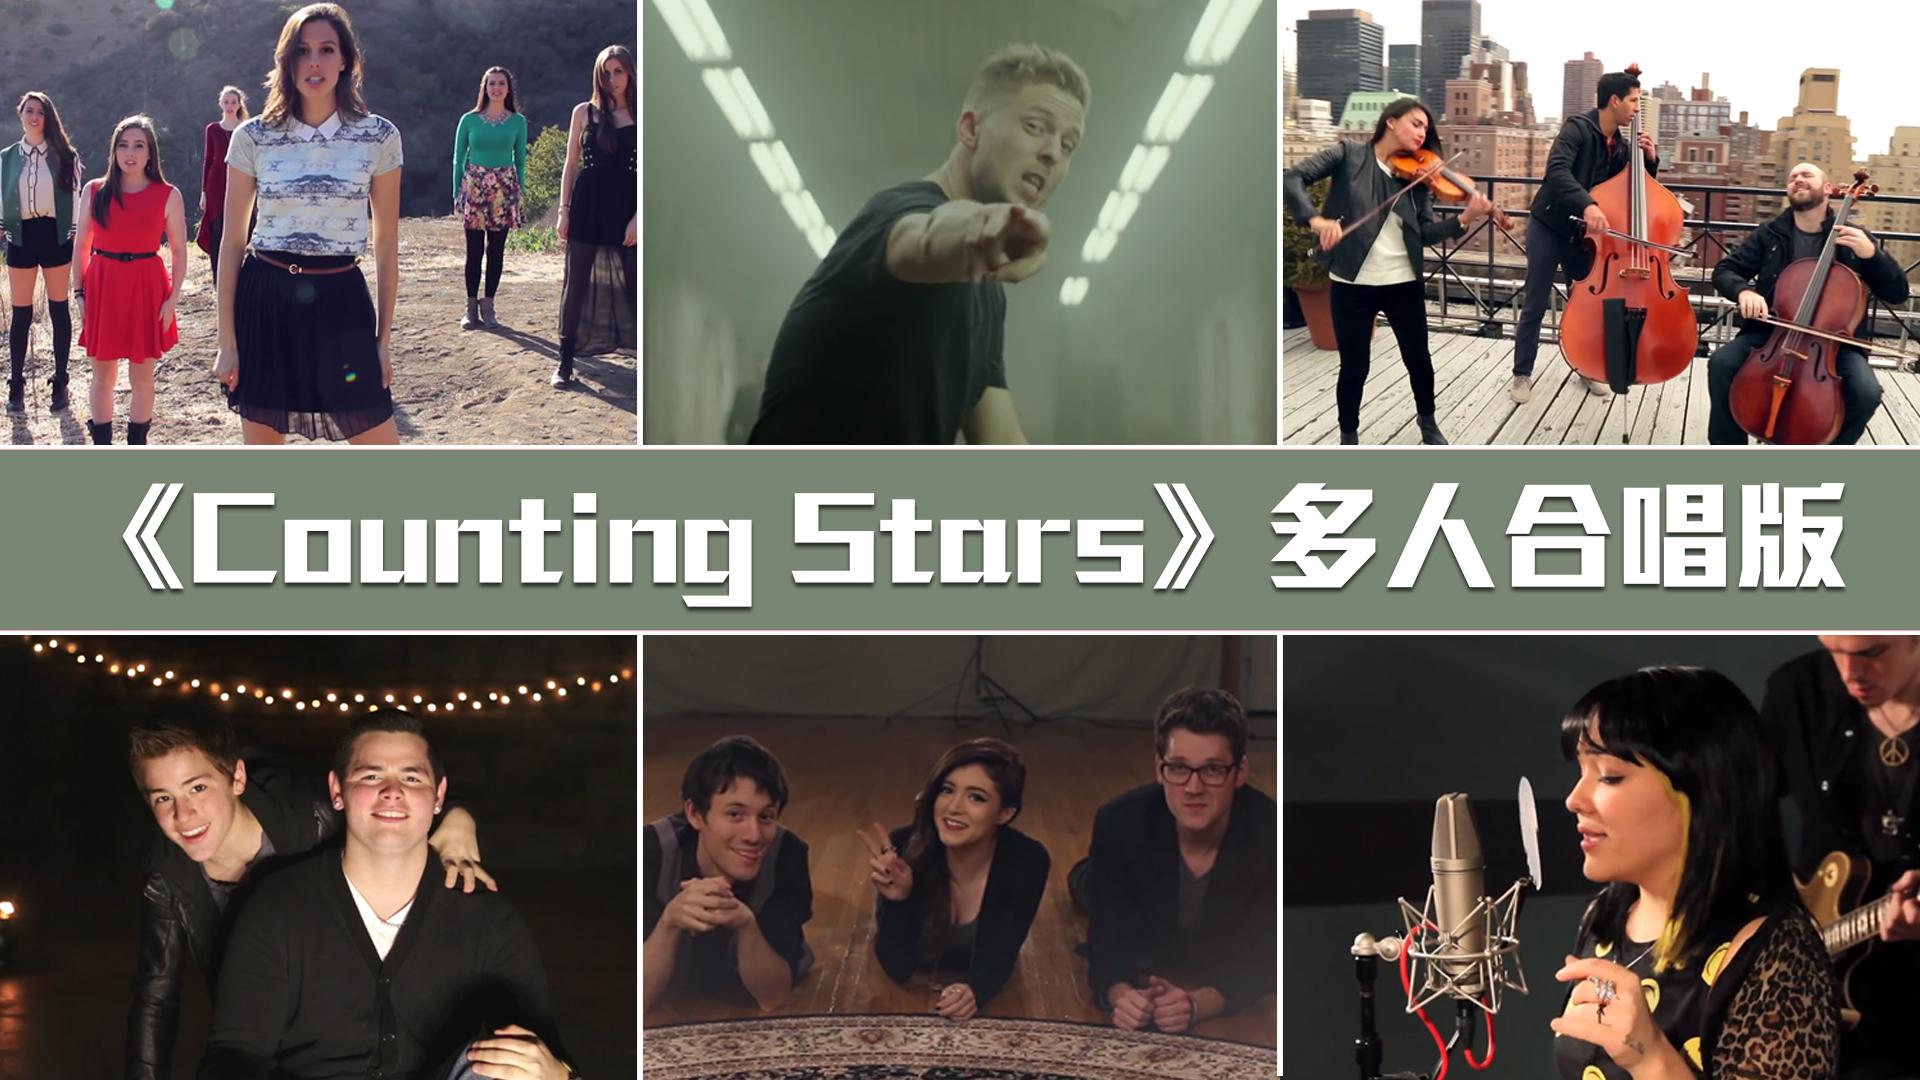 【夏日蕉易战】《Counting Stars》多人合唱版,超好听!